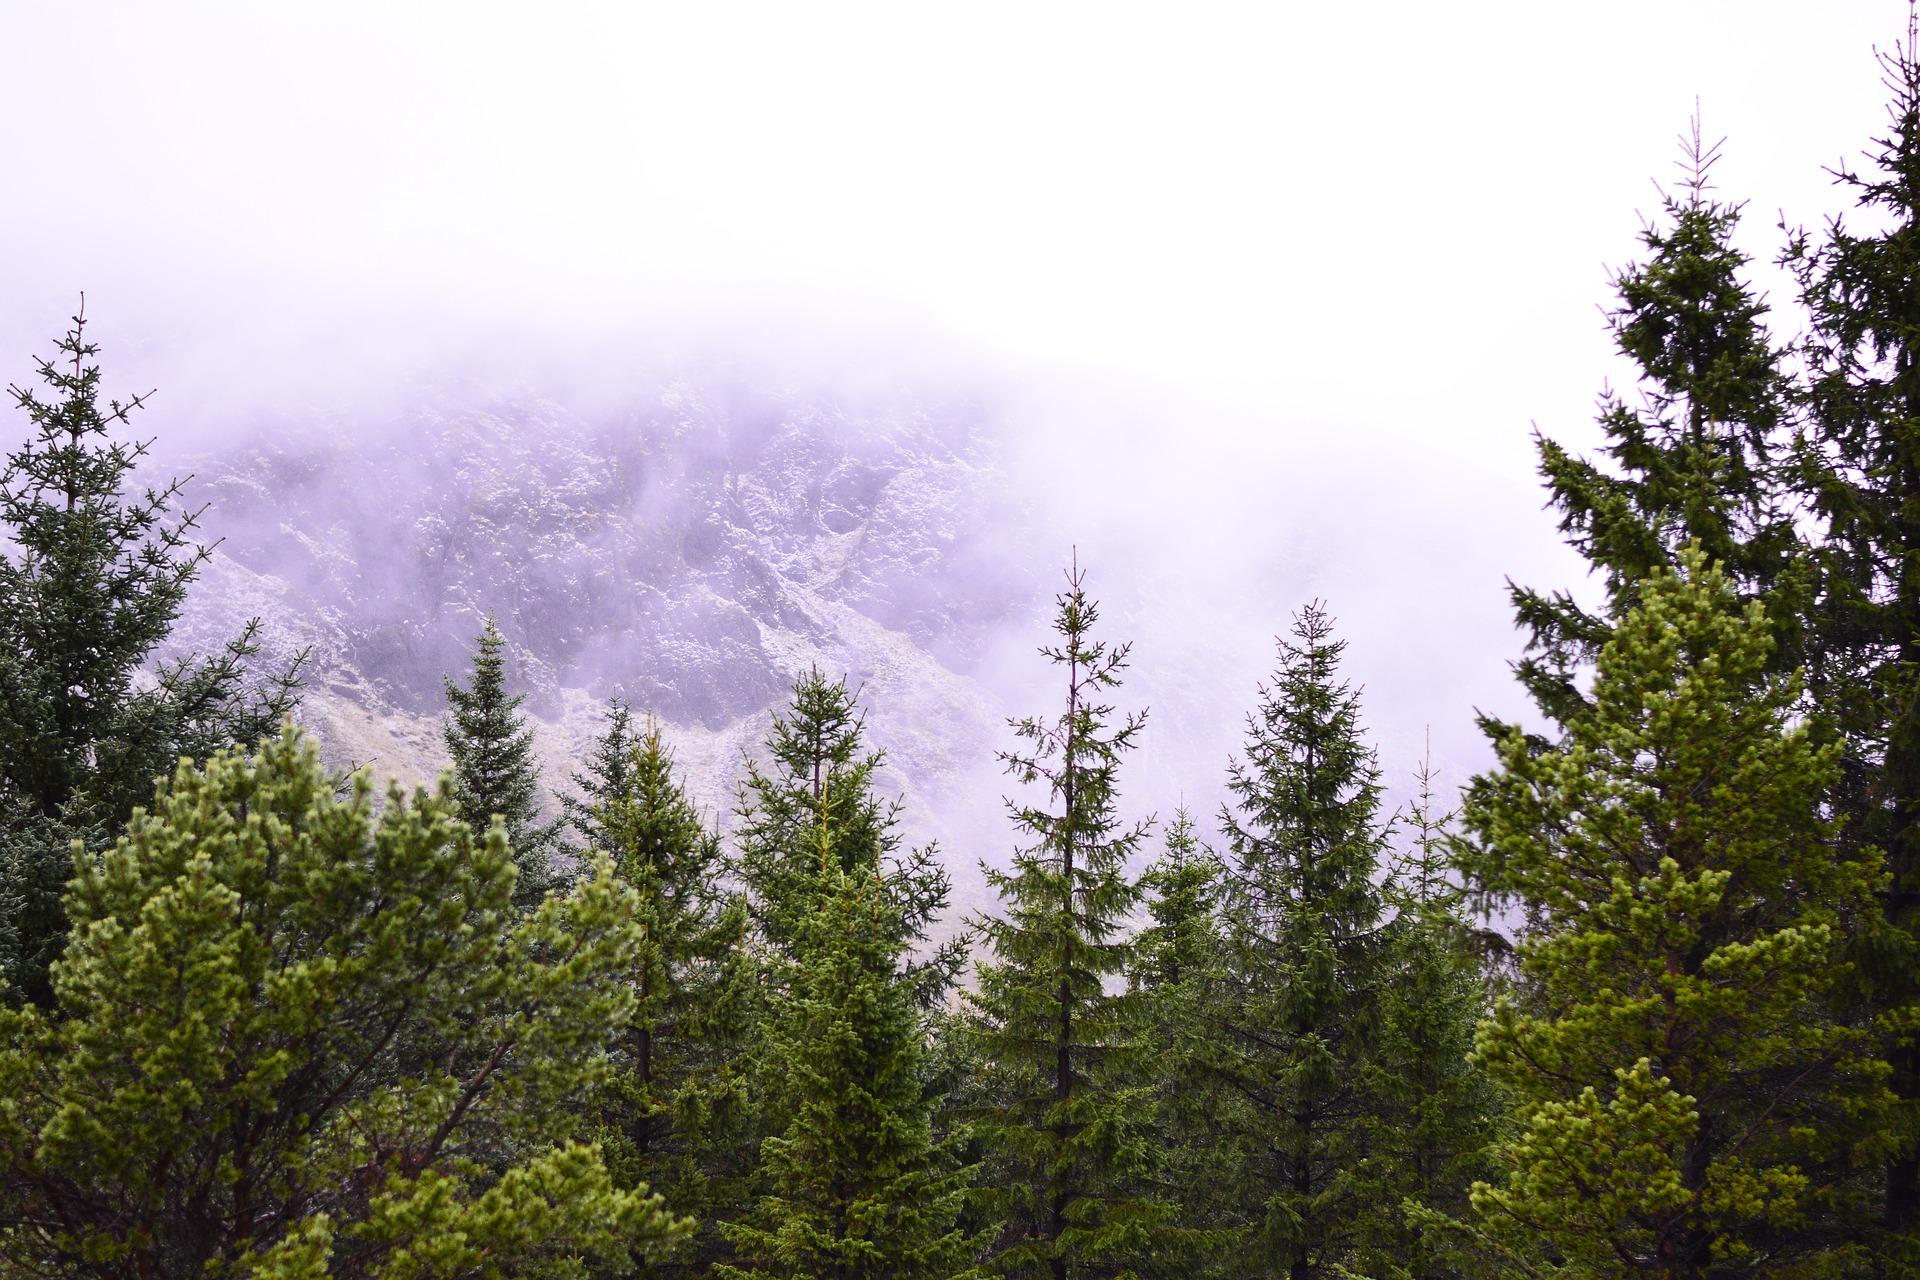 冰岛真的没有树吗?|数数冰岛的森林